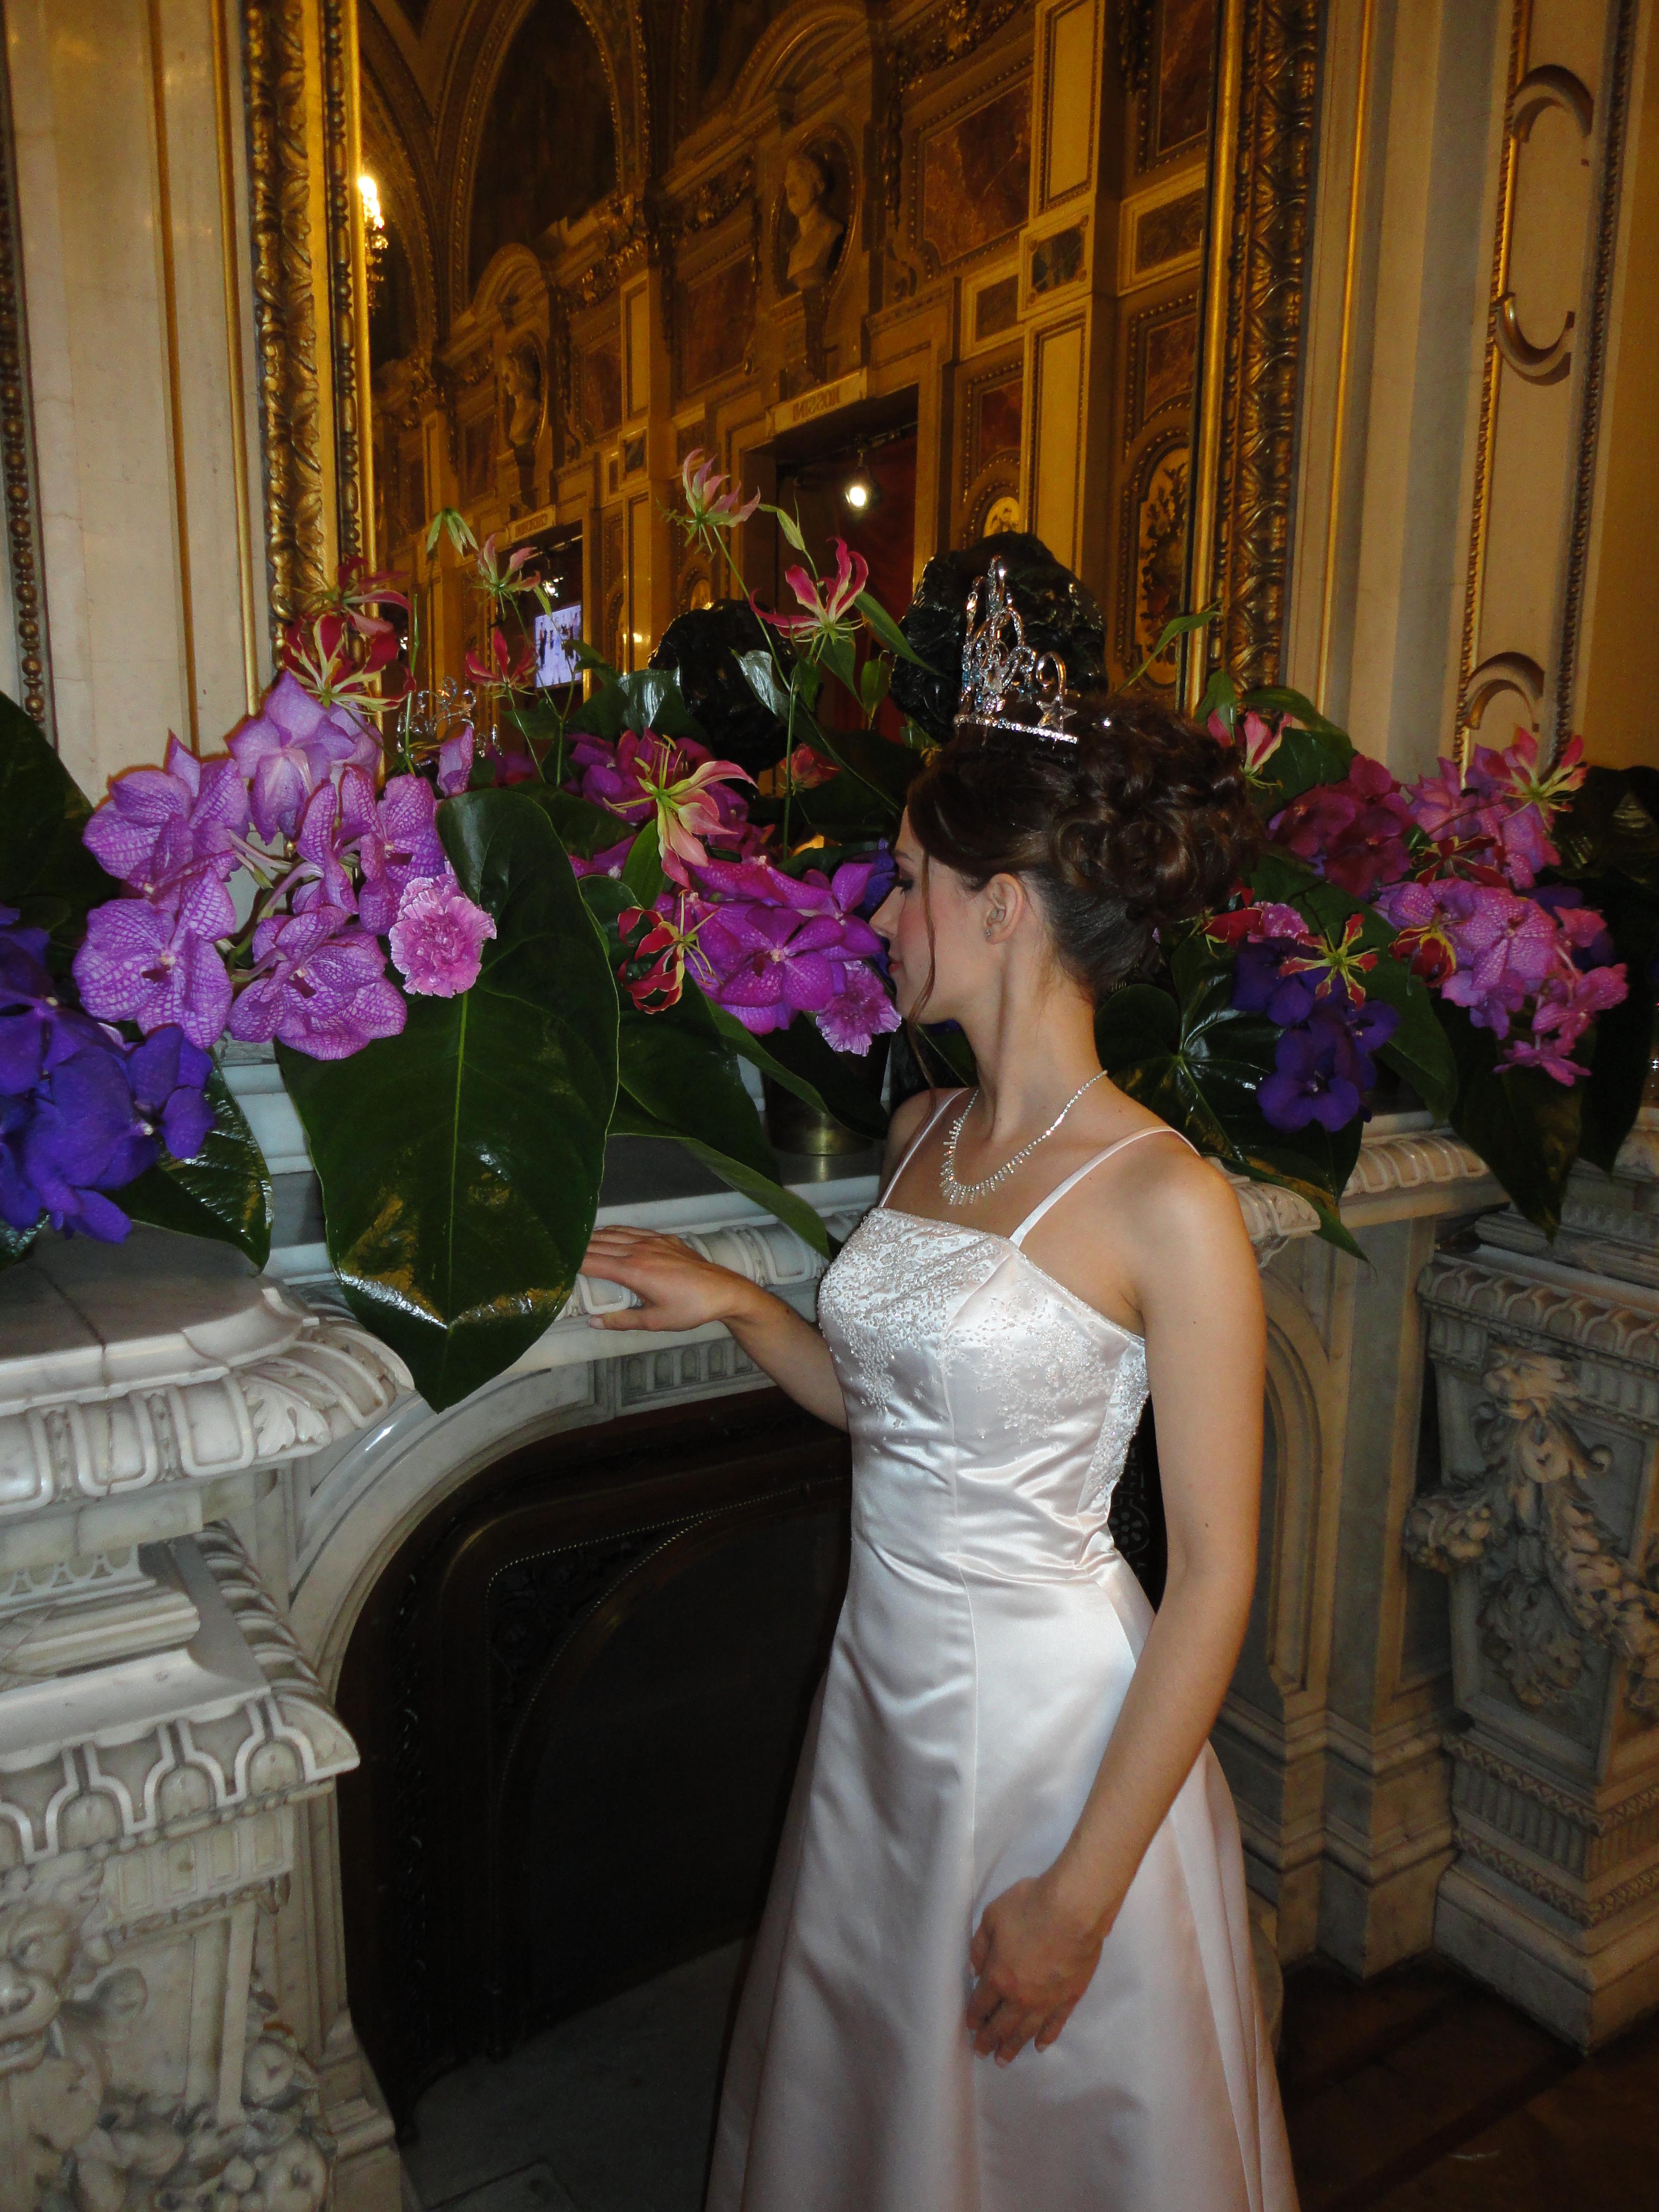 Vienna Opera Ball 2013 debutante Cornelia Pech